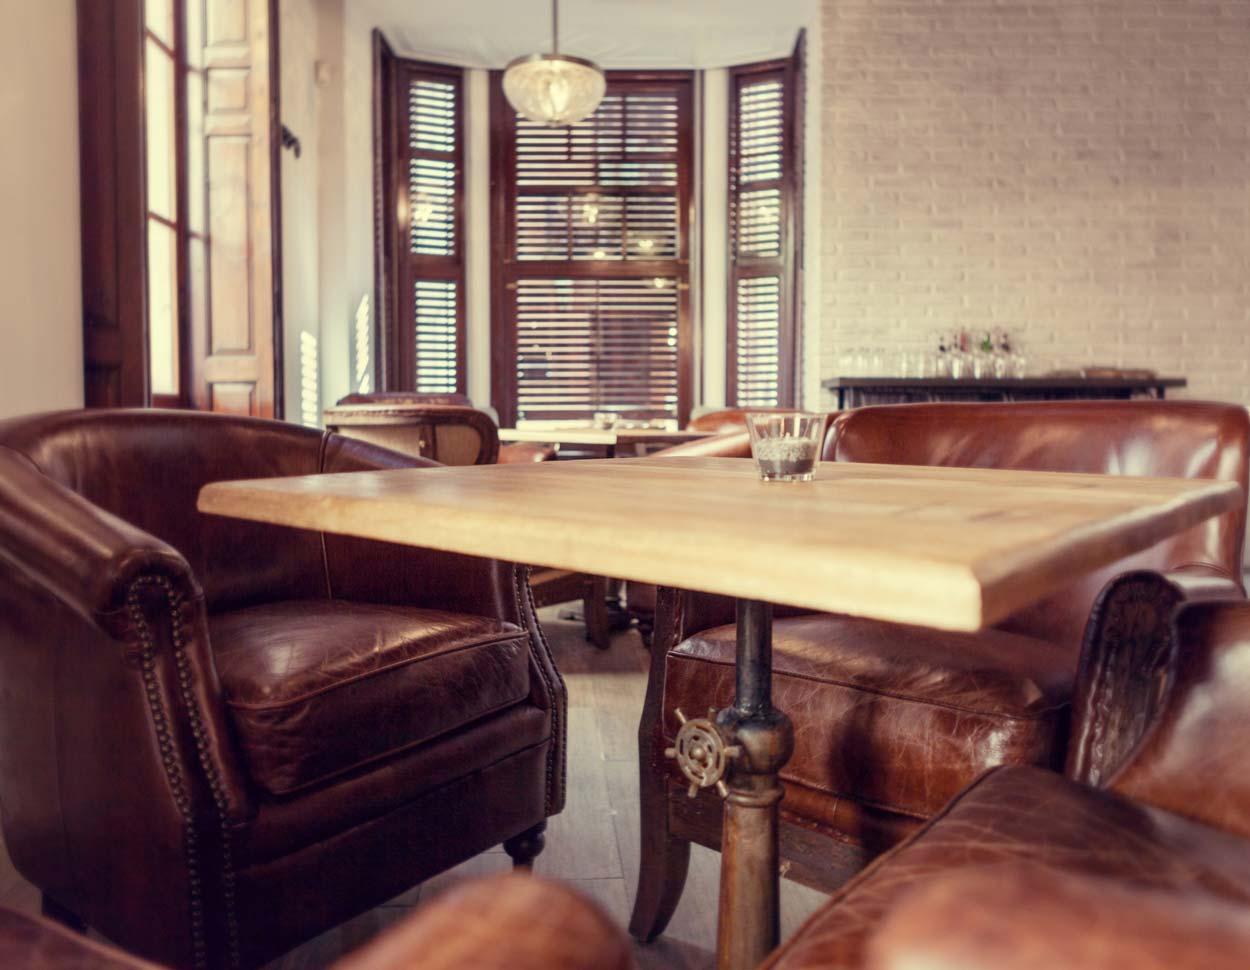 Arquitectura de interiores vintage forn le petit pain for Arquitectura de interiores